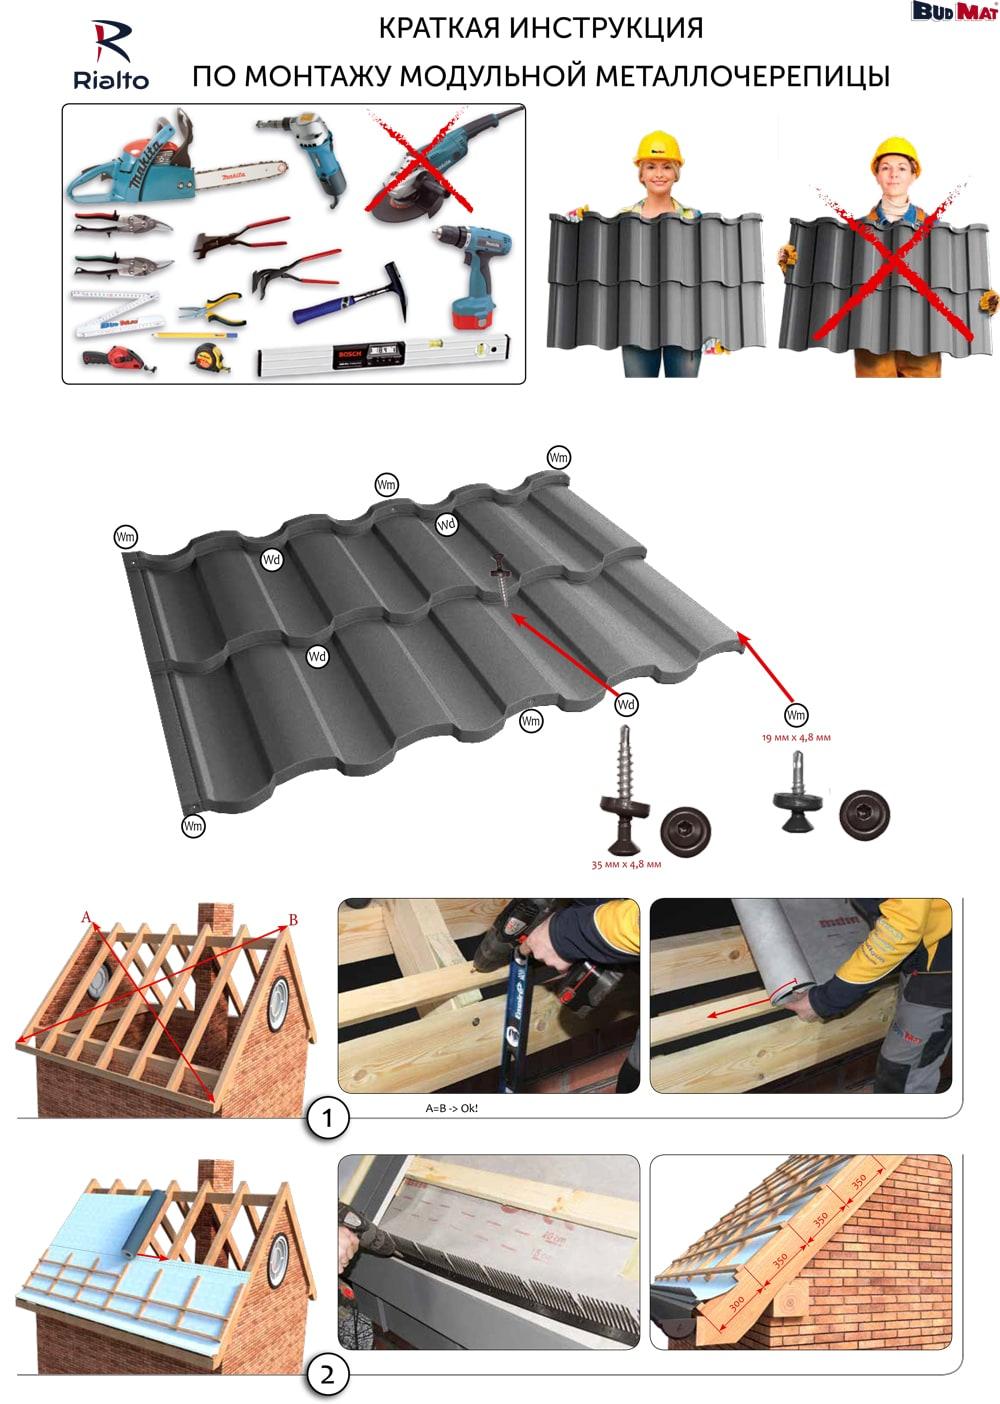 Монтаж модульной металлочерепицы в минске